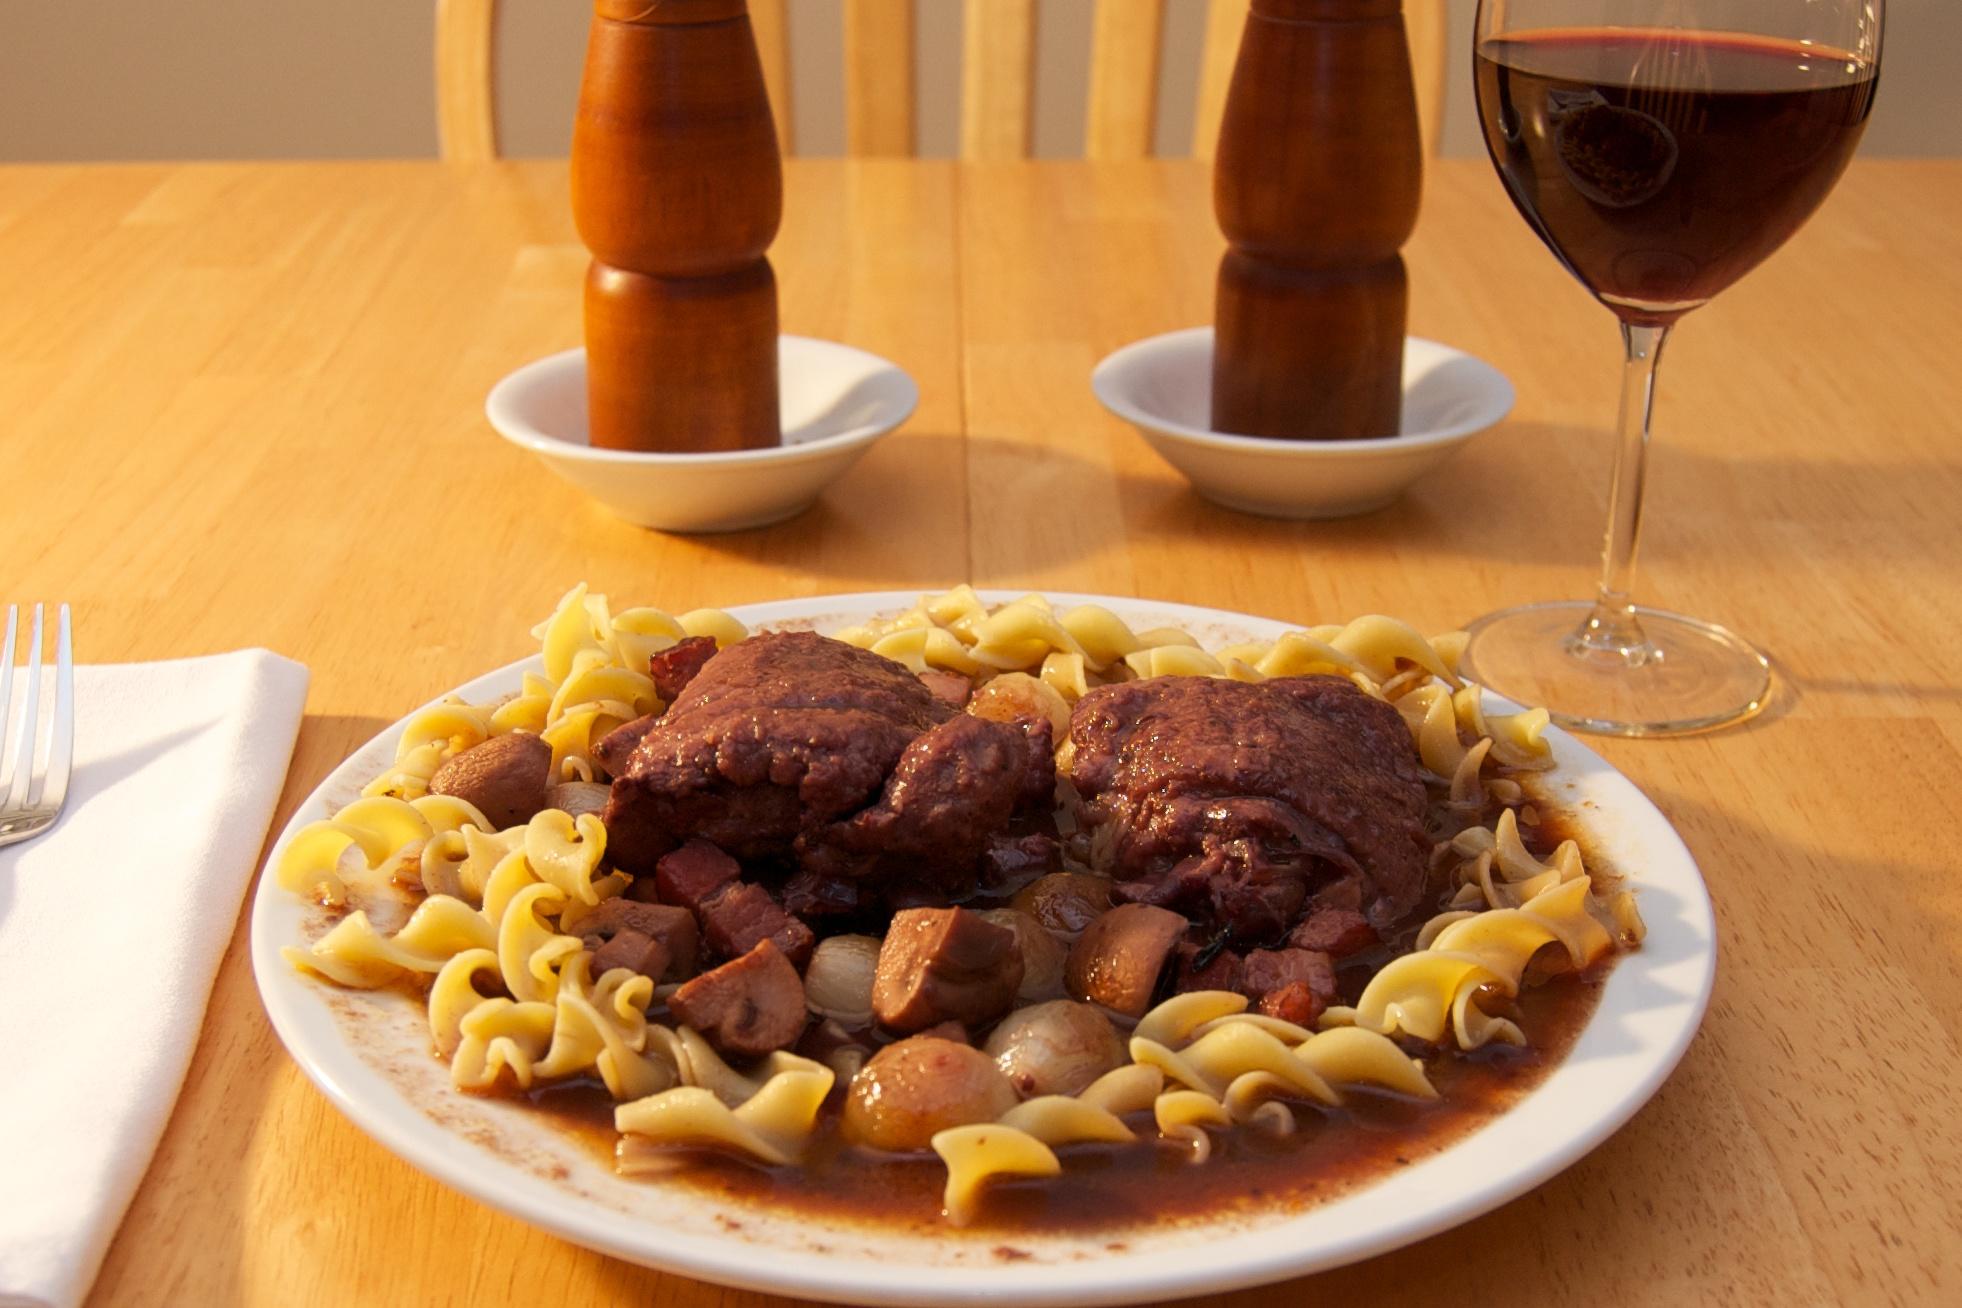 http://blog.rickk.com/food/2010/09/21/coqauvin8.jpg